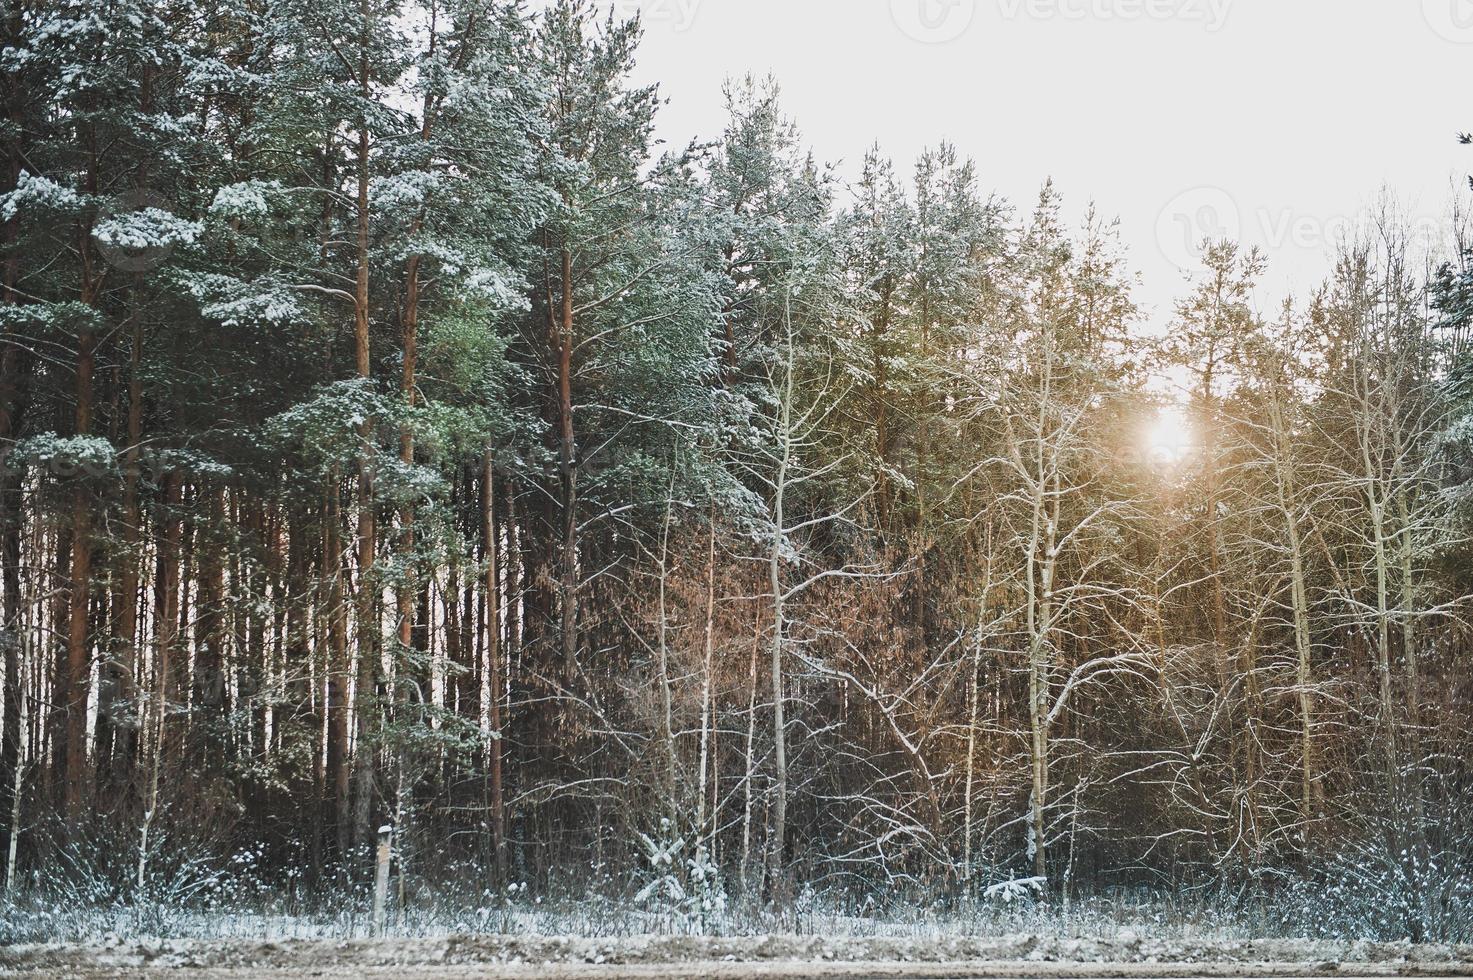 bosque de abetos de invierno foto